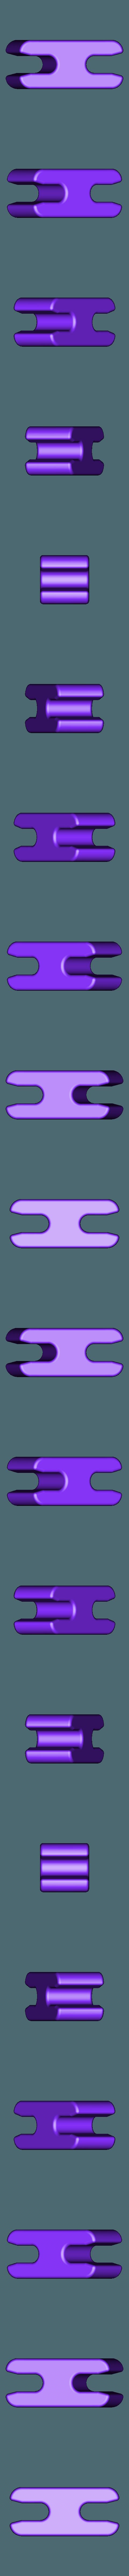 E232b8e3 d668 4862 a47c 3e07cd1b4192